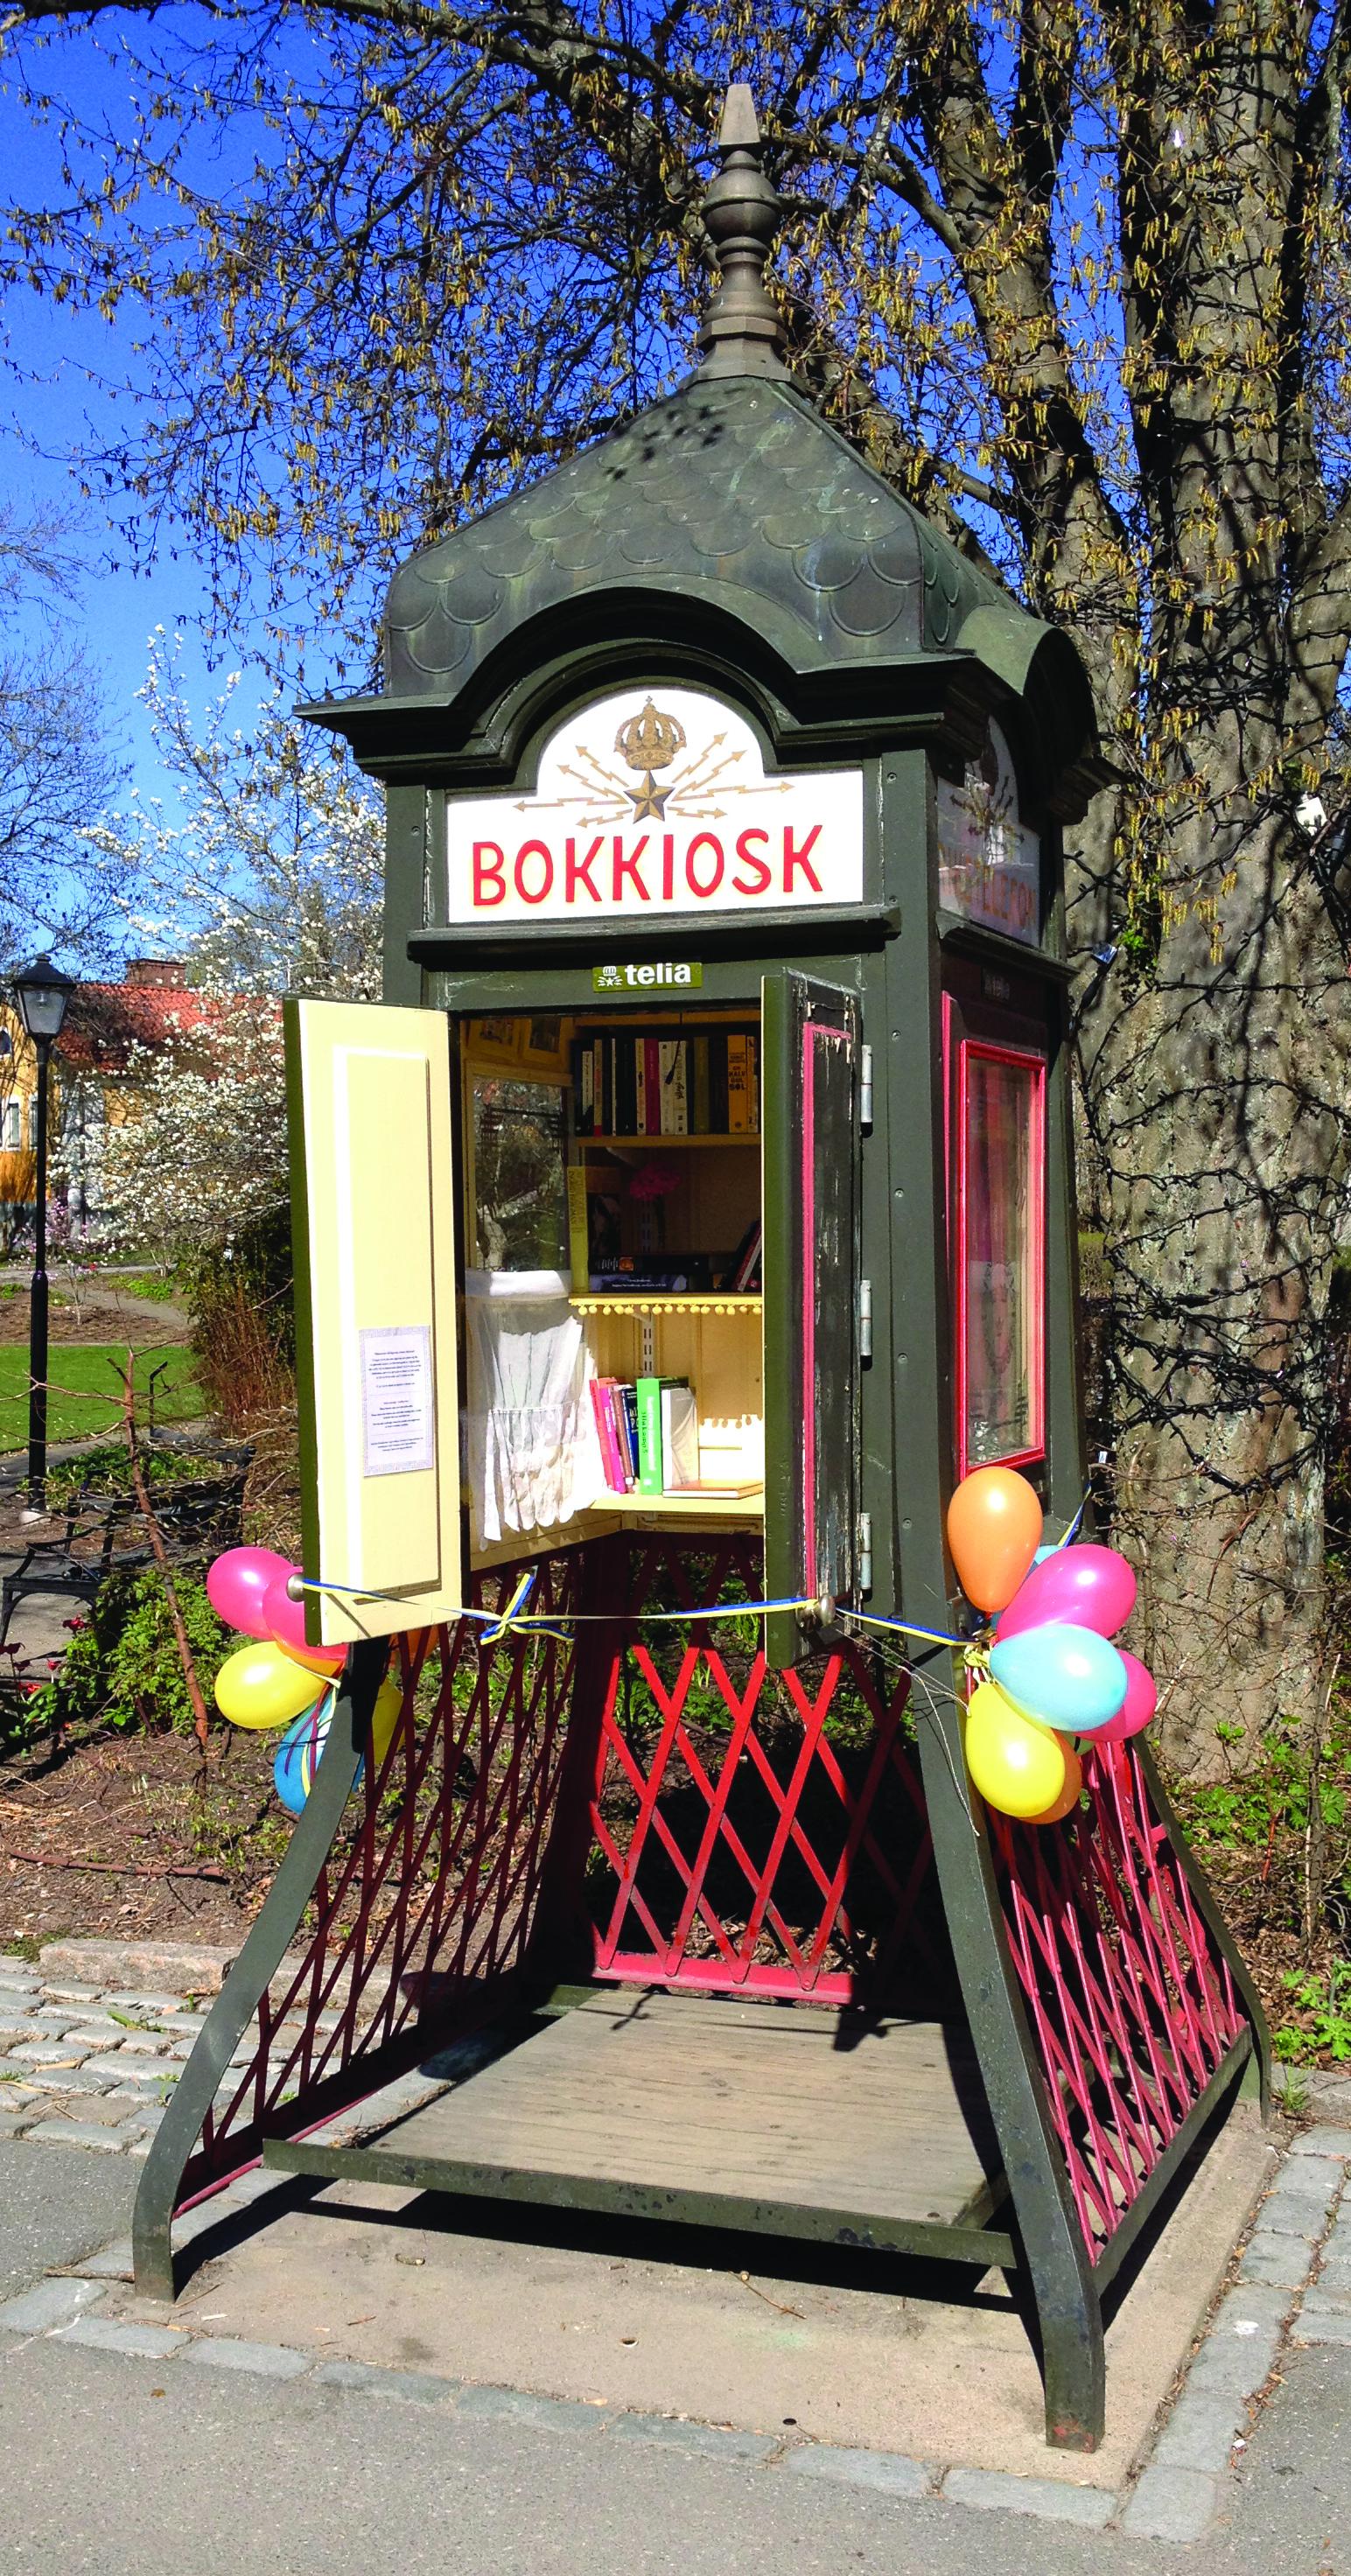 Berättelsen om hur en bokkiosk blev Sigtunas populäraste bild på instagram